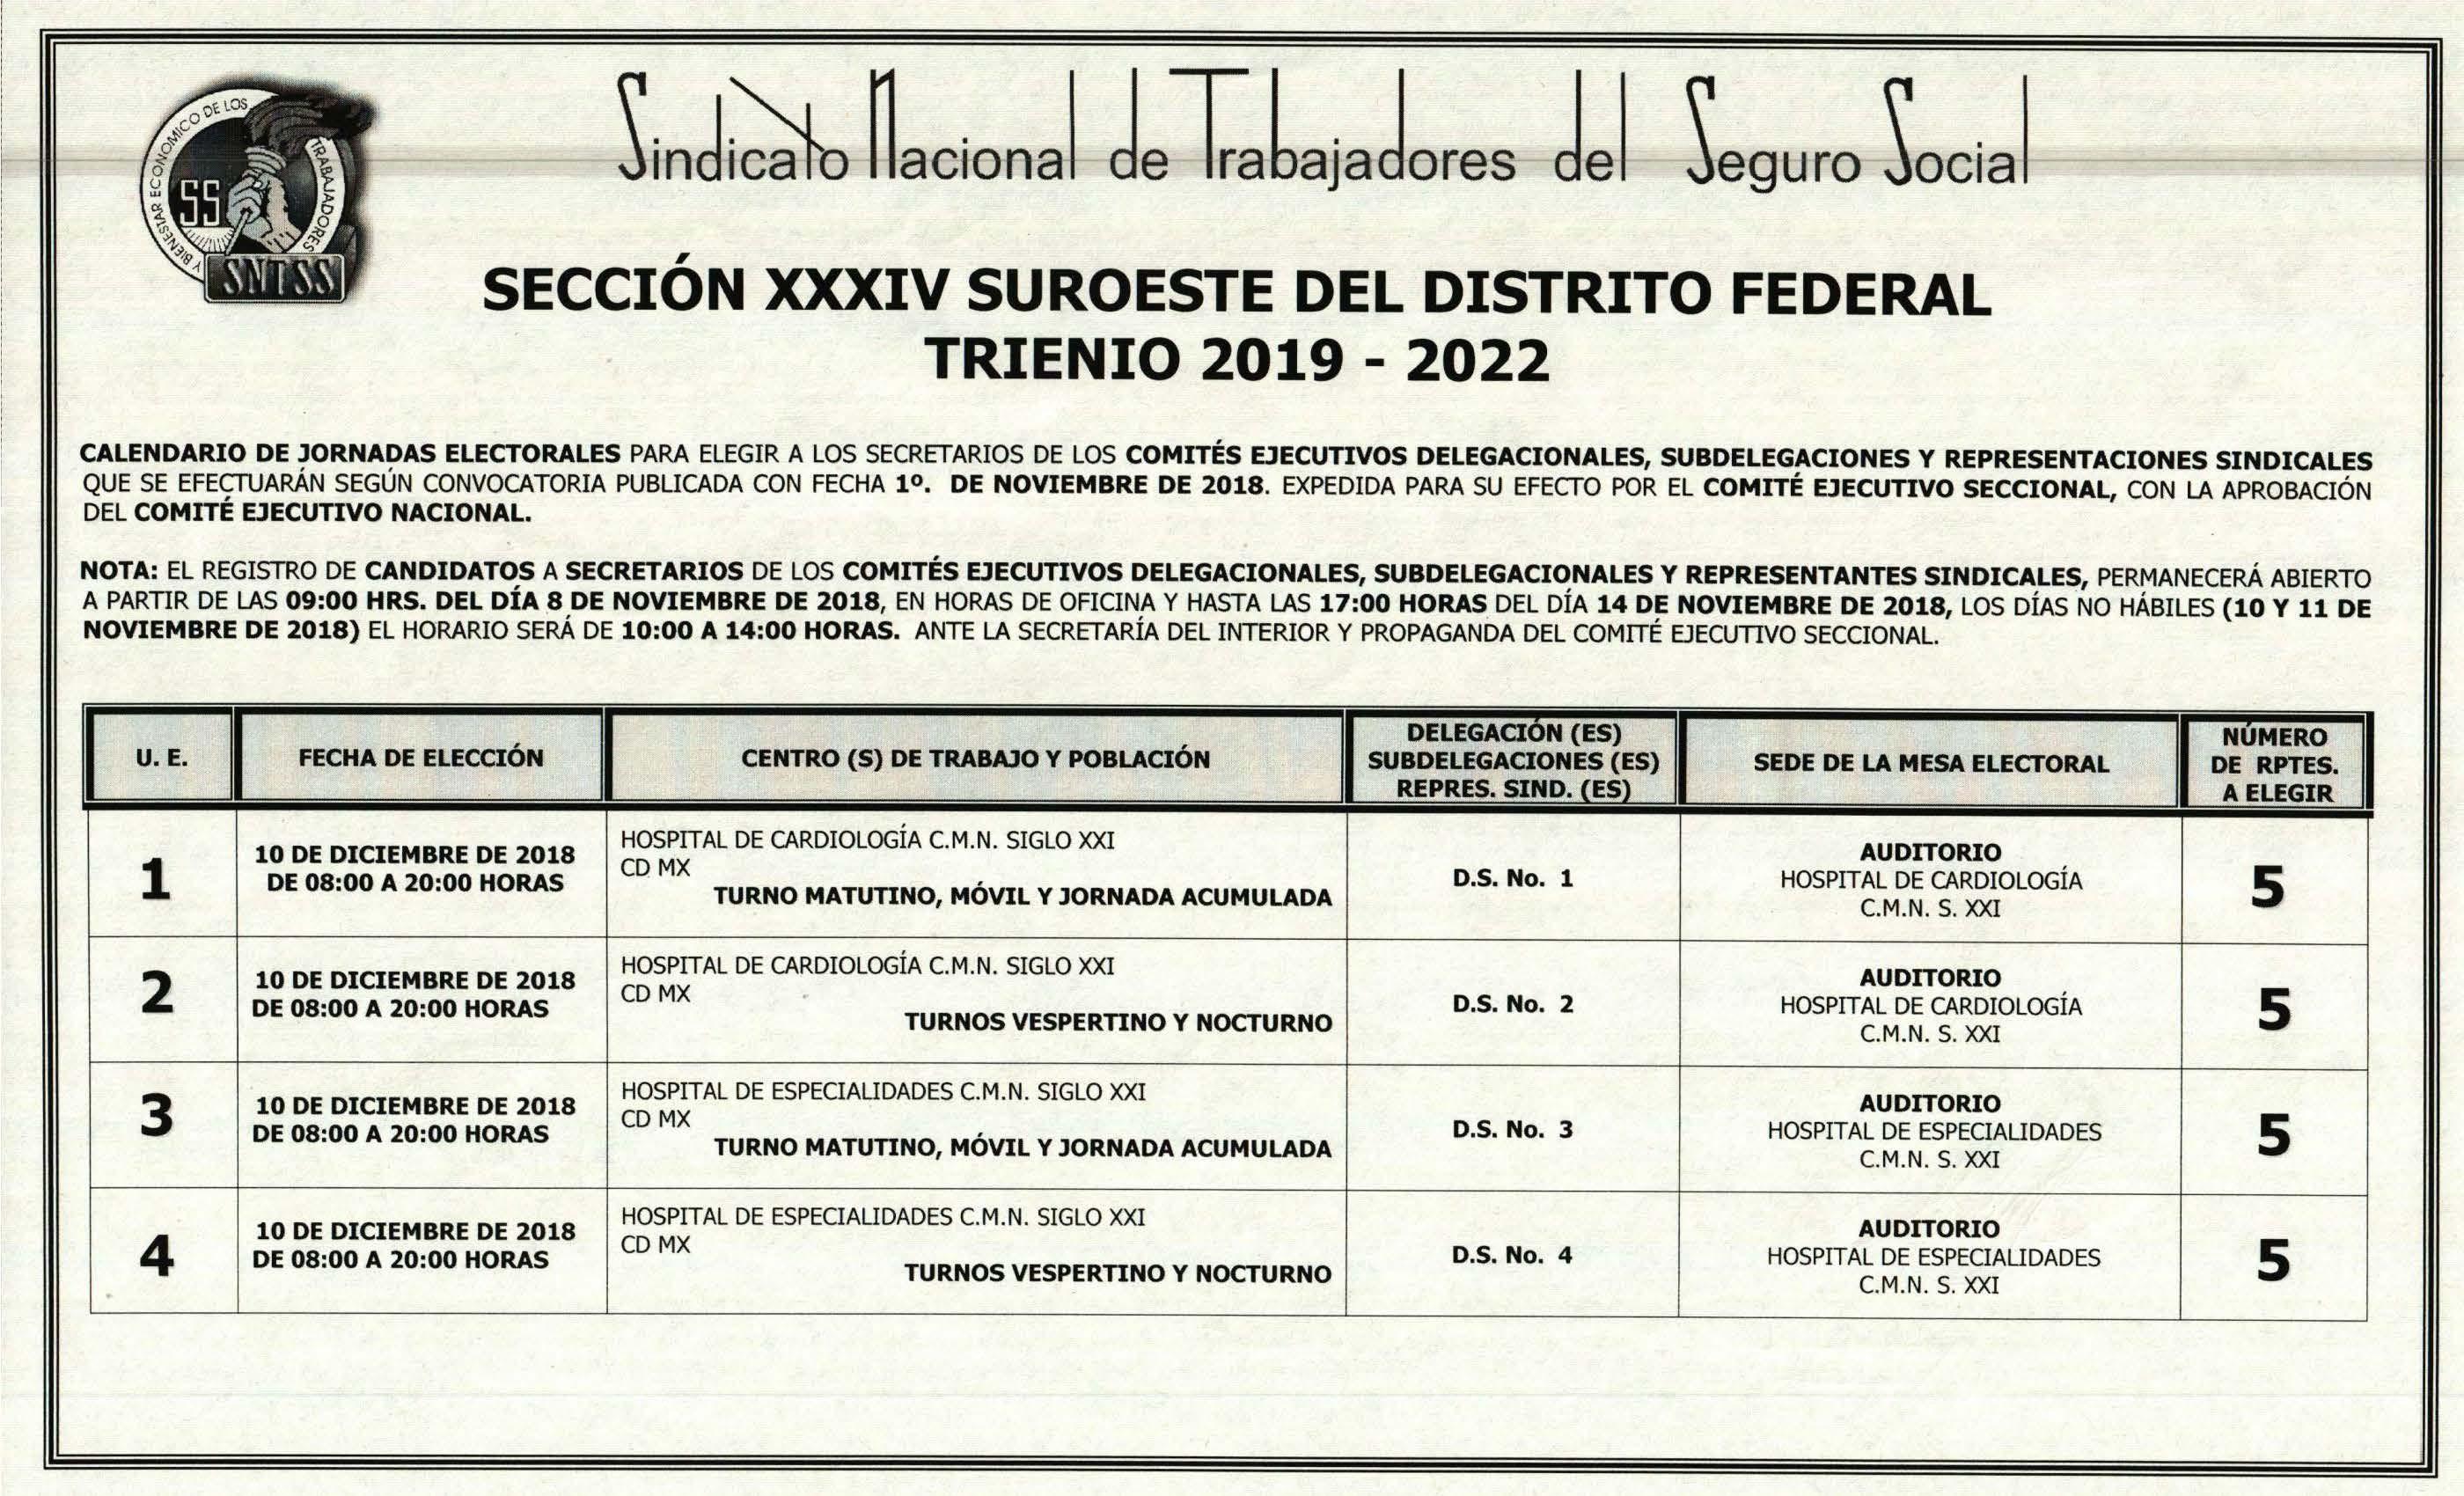 SNTSS Secci³n XXXIV Suroeste del D F